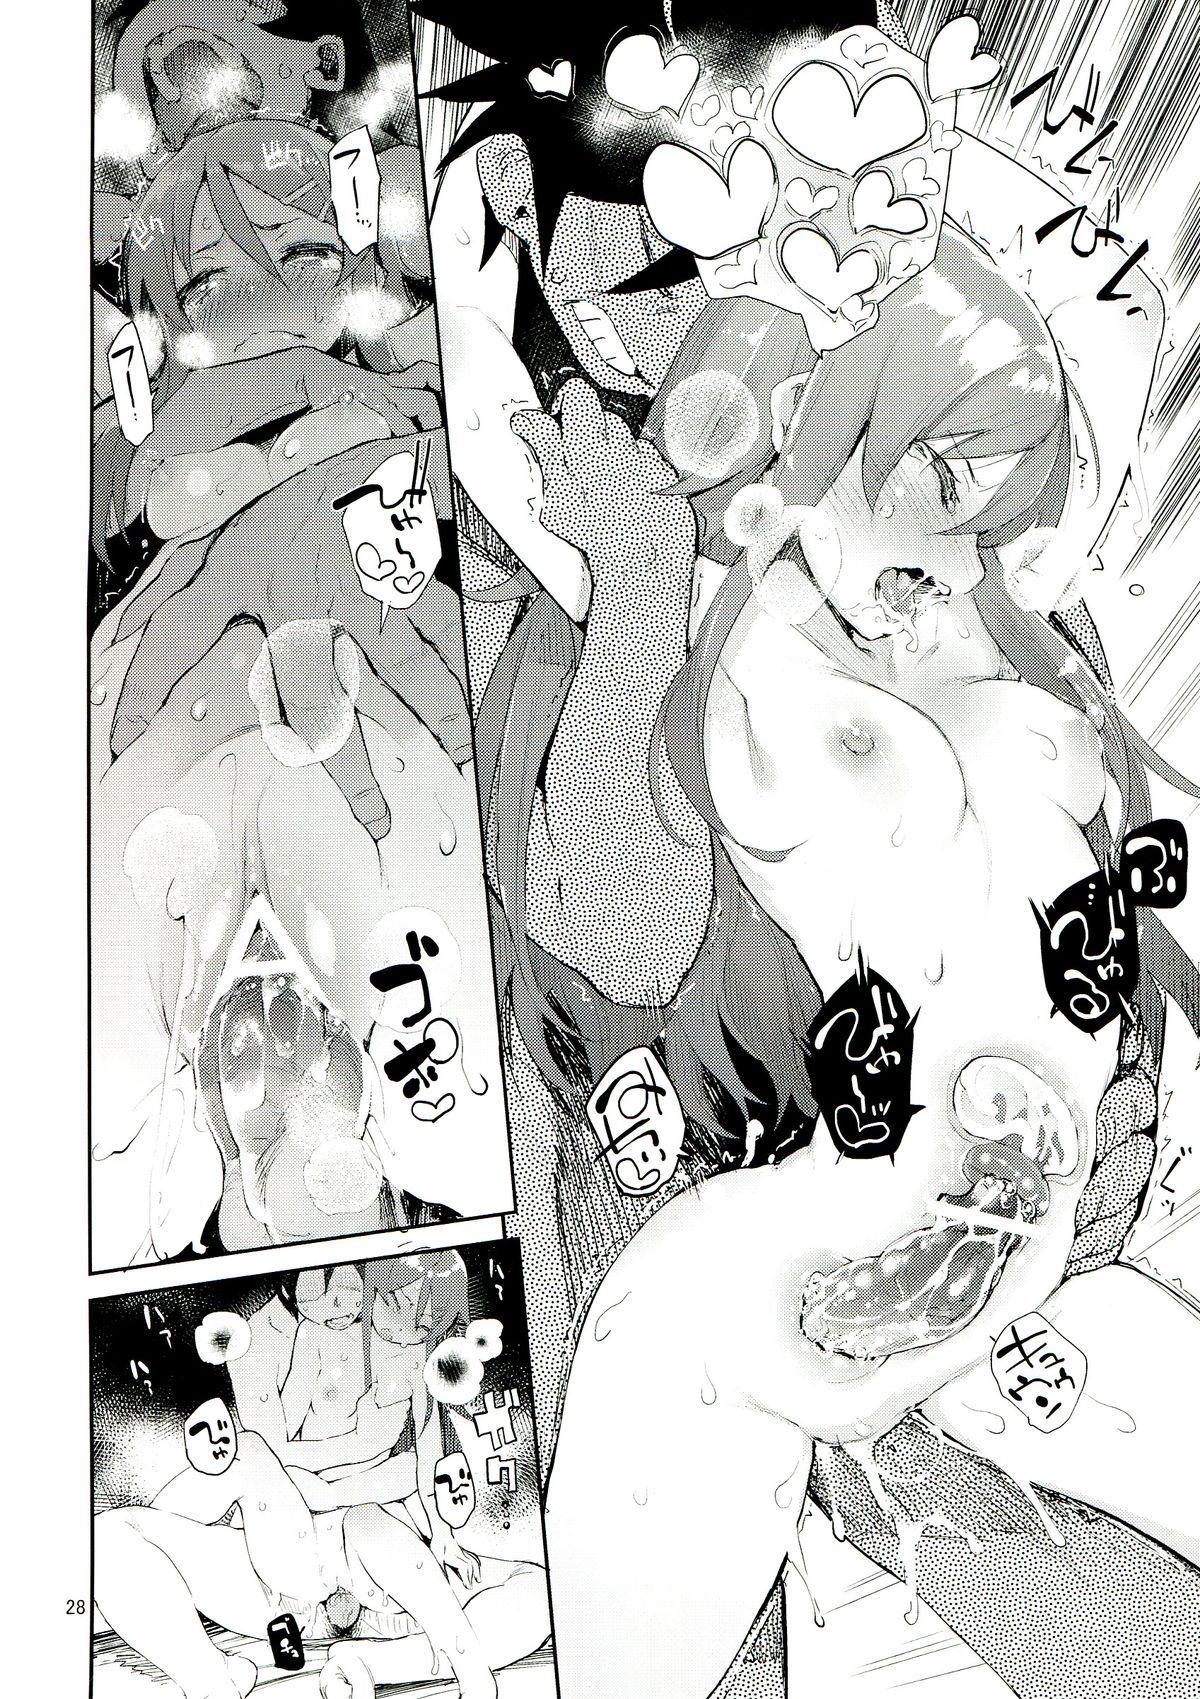 Zettai Imouto Ryouiki 2 27